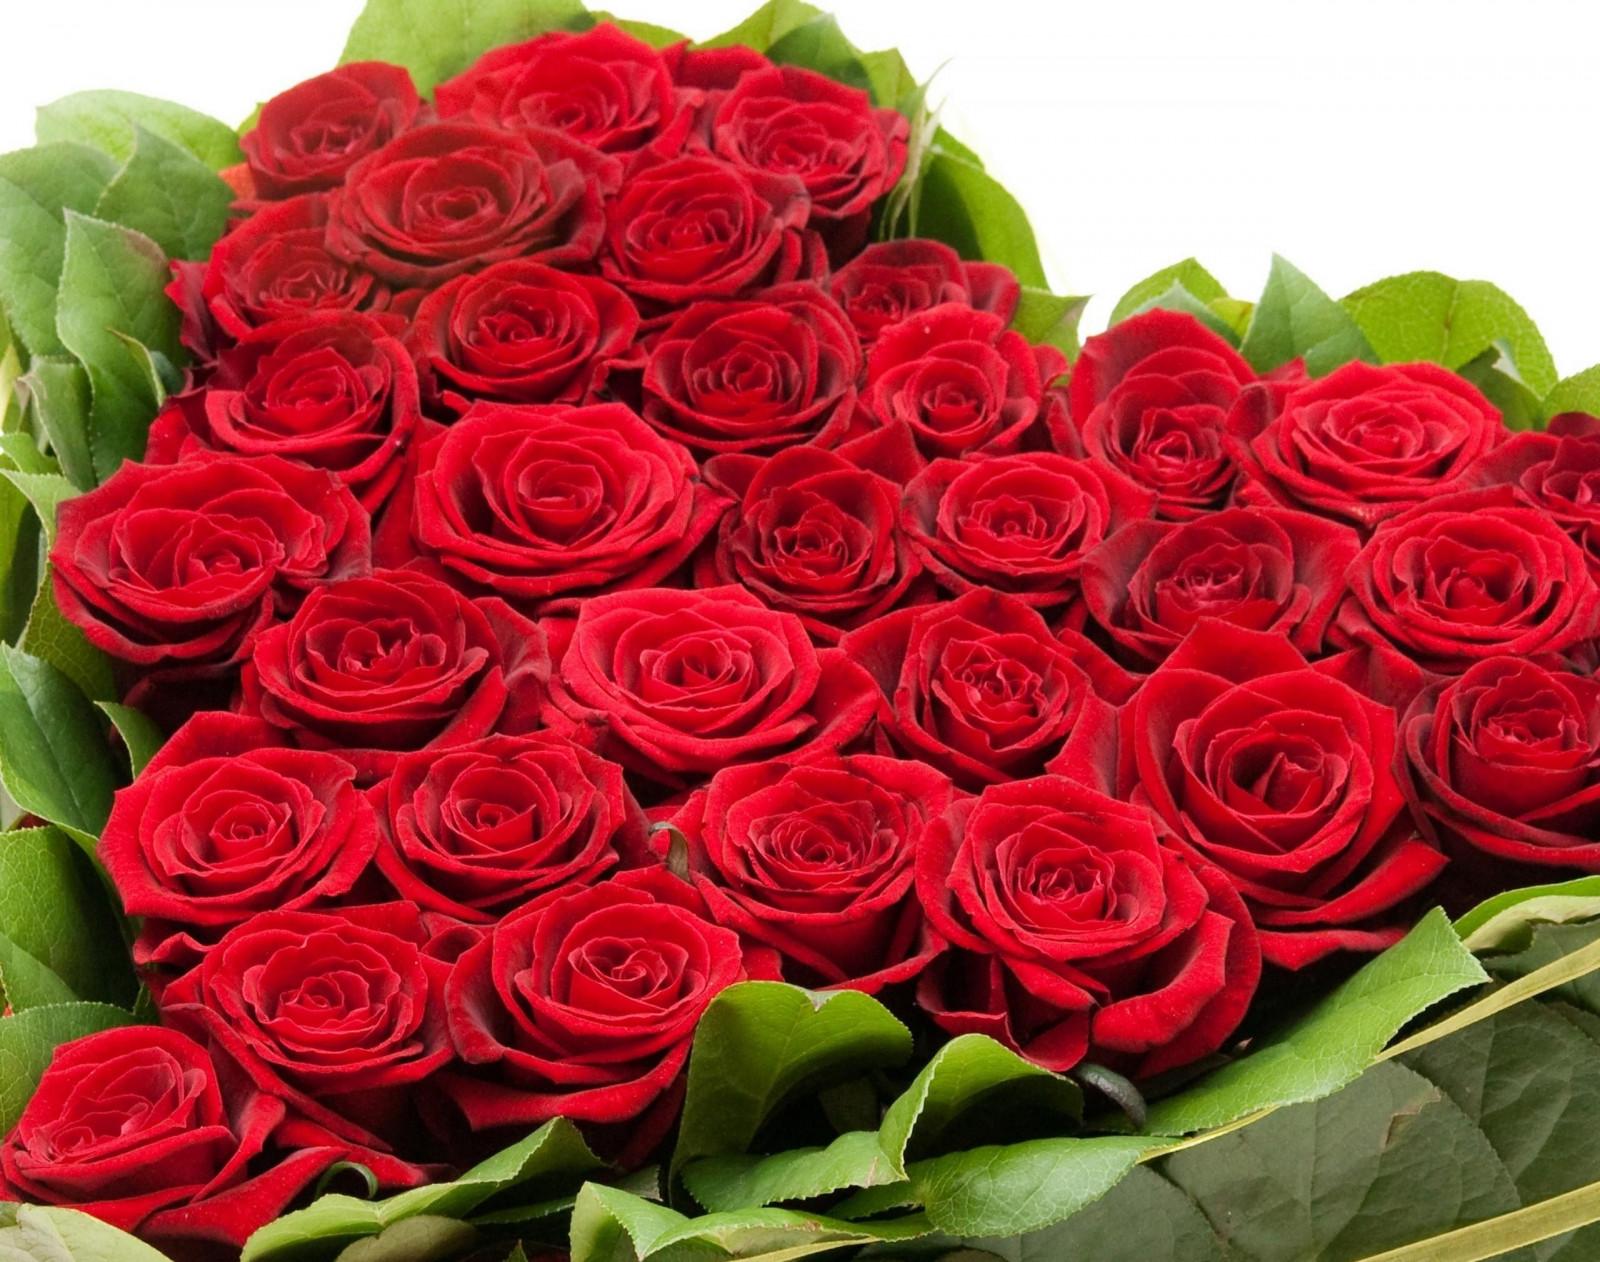 Красивые открытки с розами фото, днем рождения василий